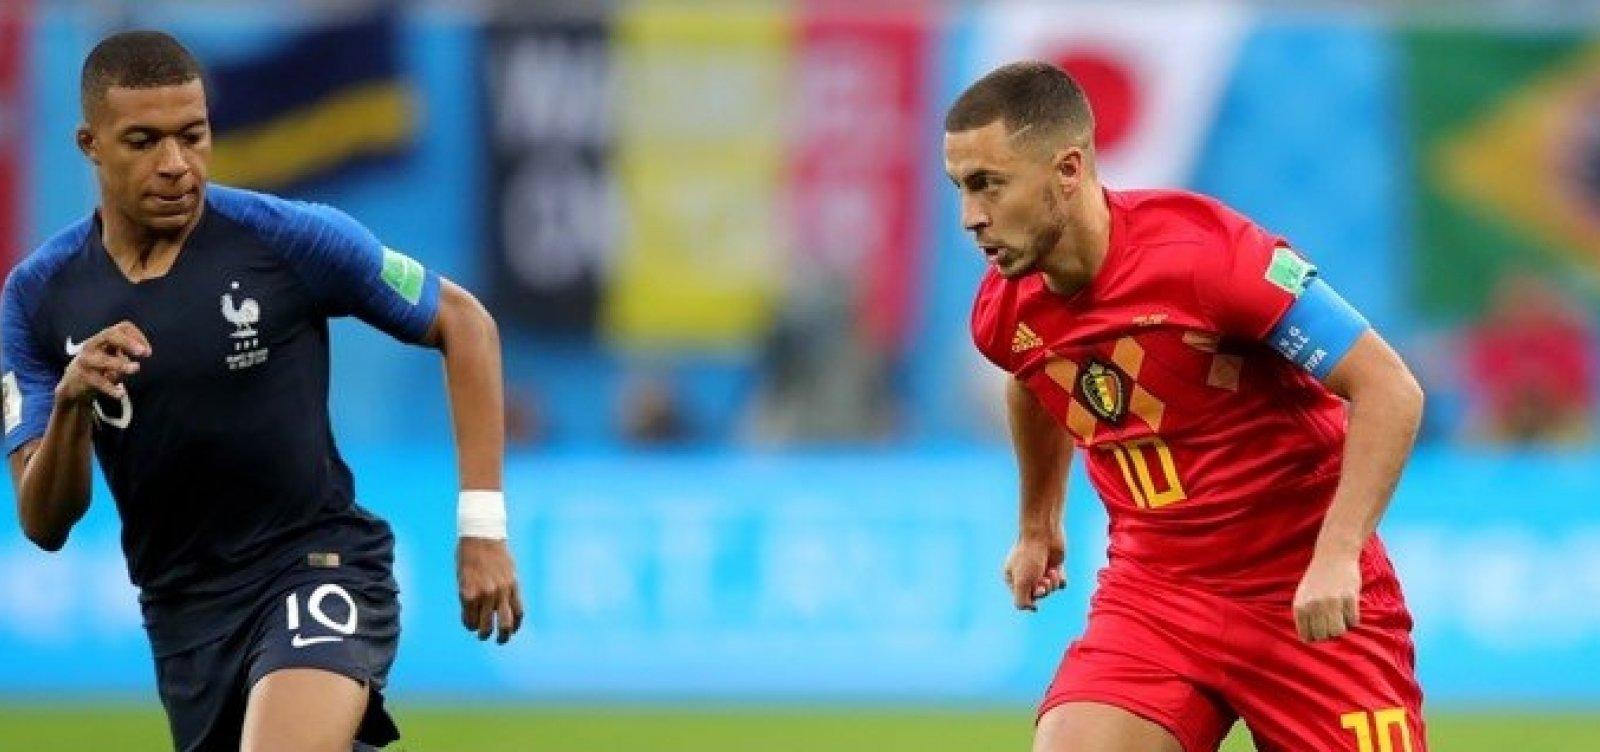 Bélgica e França dividem liderança no ranking da Fifa